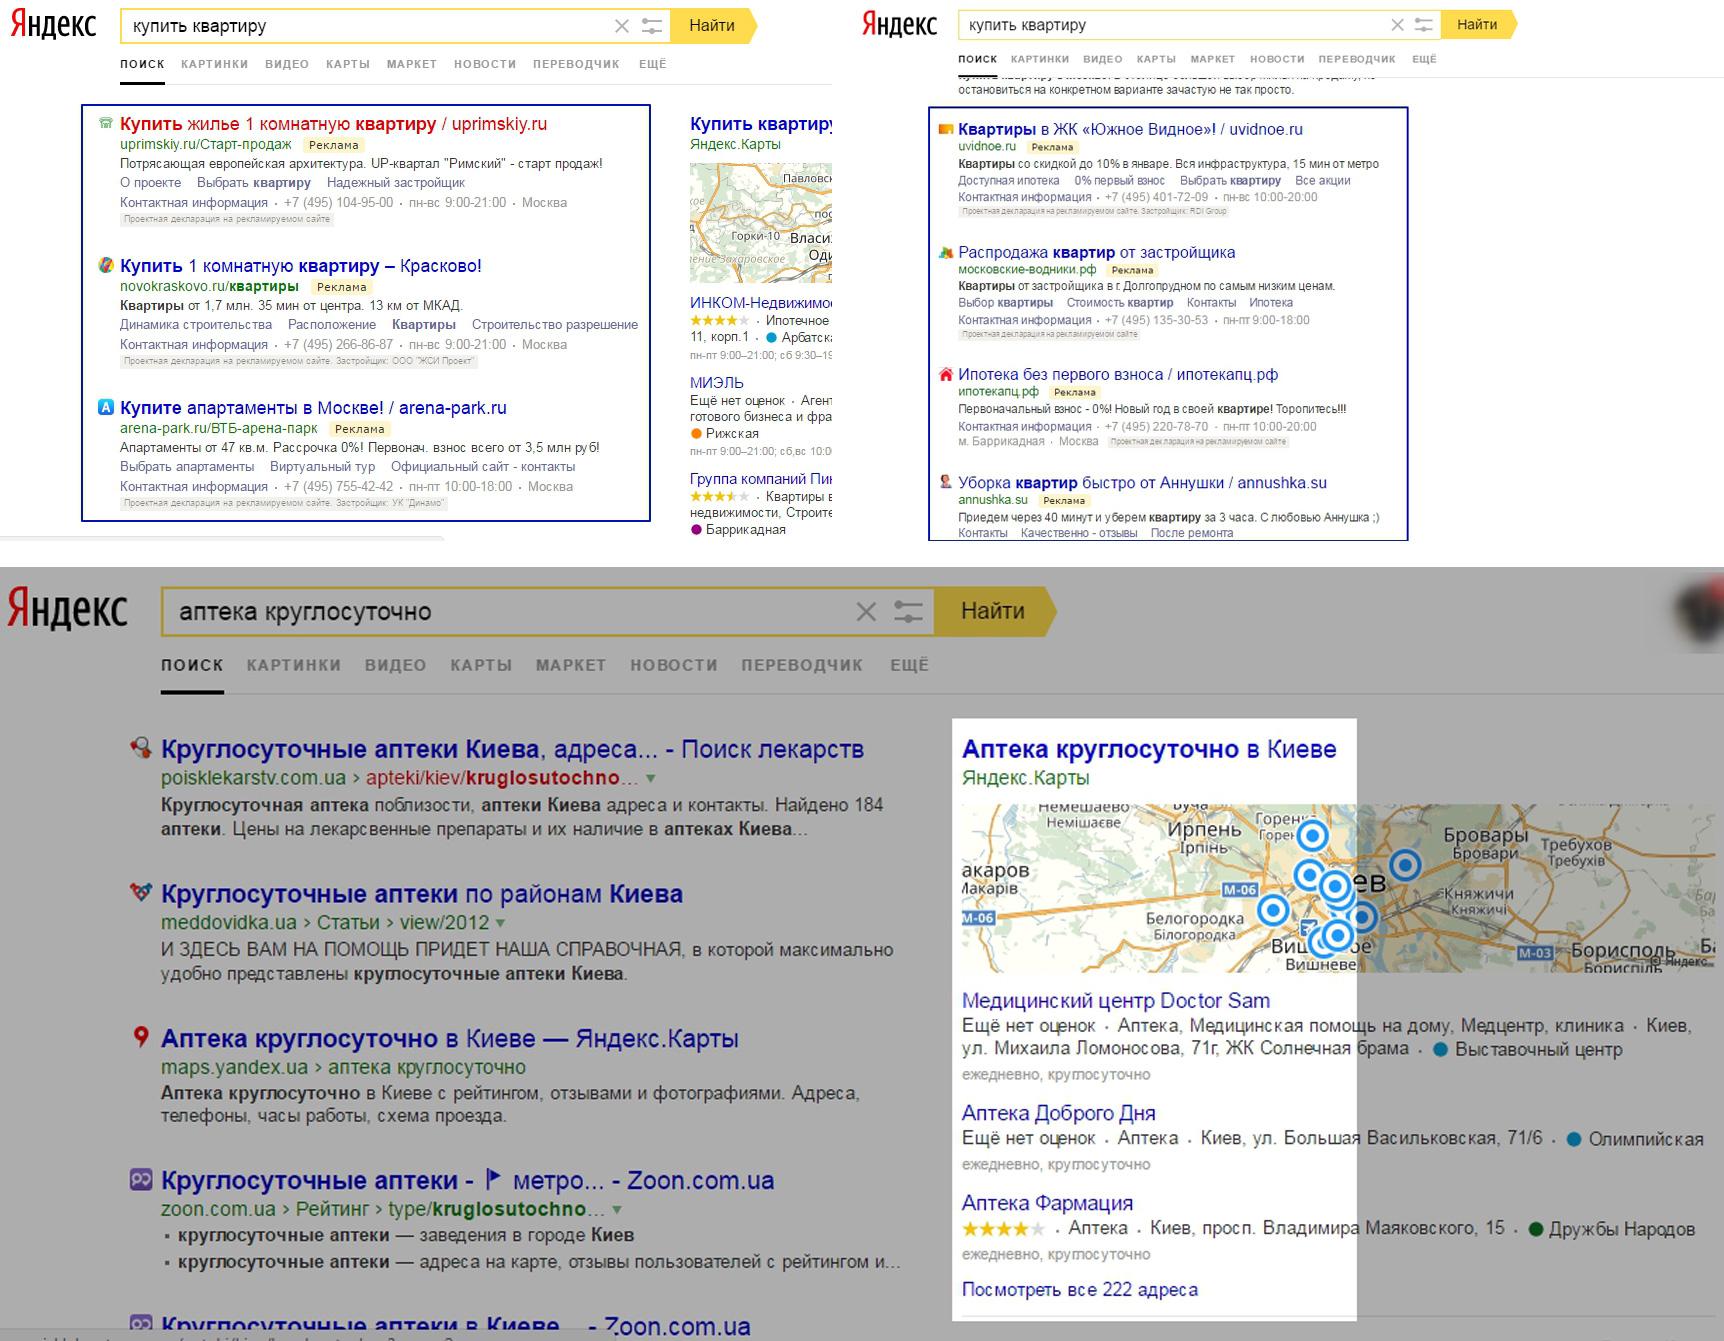 Заказать настройку контекстной рекламы в Интернете